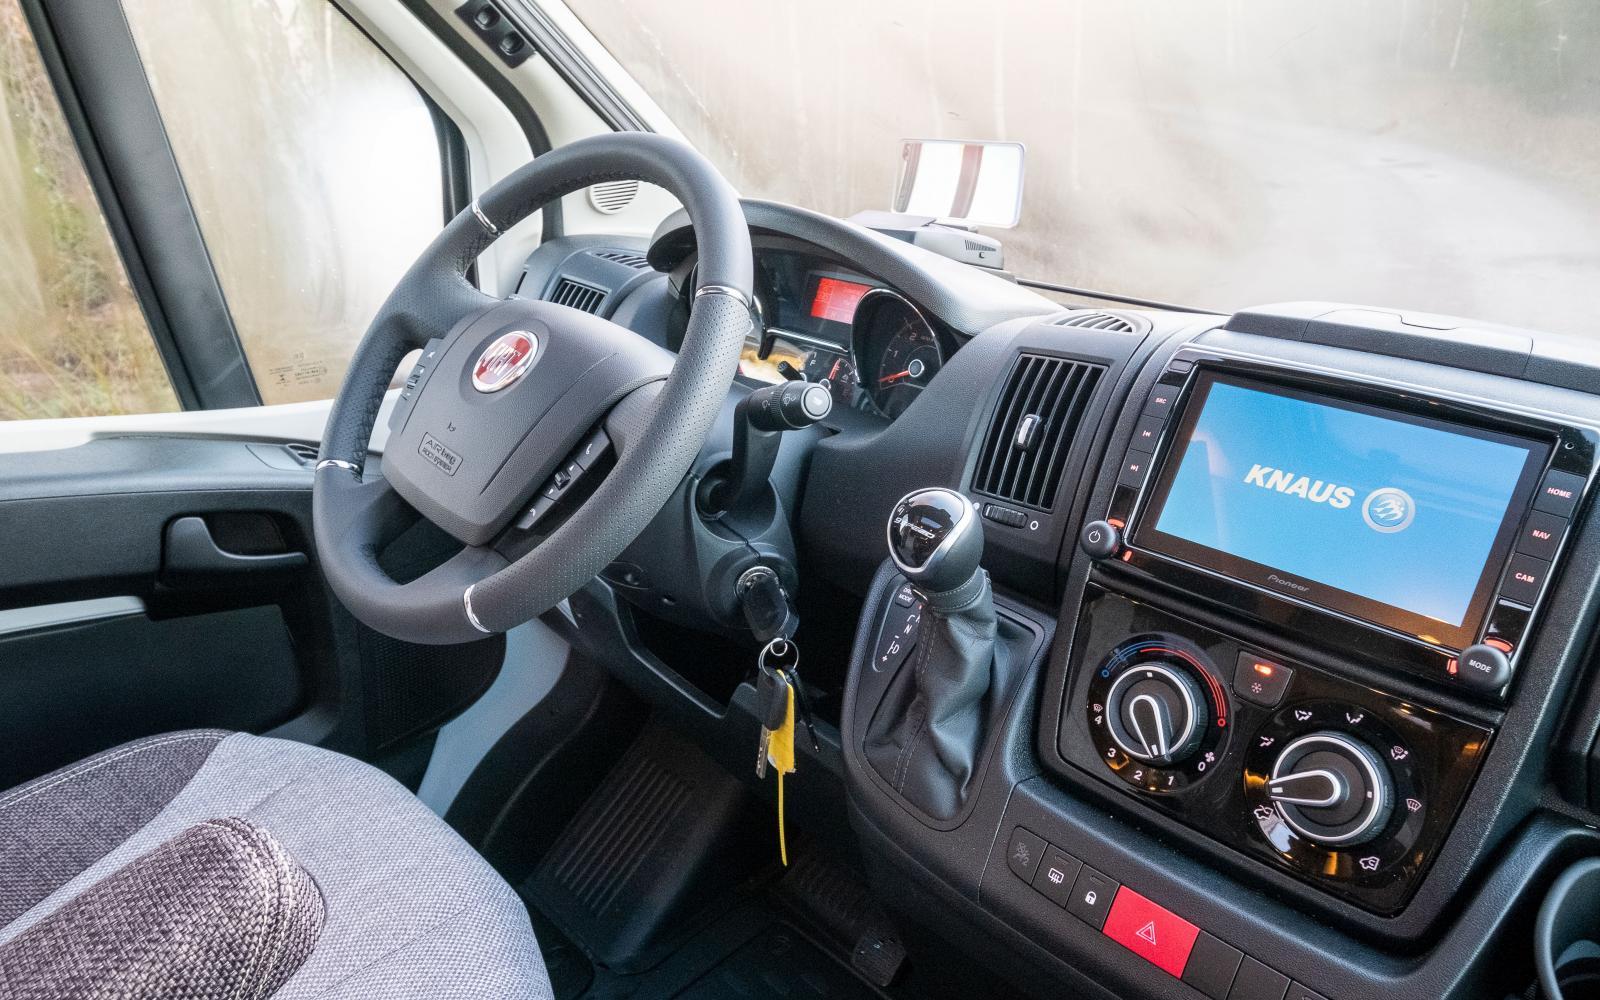 Fiat Ducato med 9-stegad automat och en rejäl pekskärm på stereon som även är navigator och backkamera.